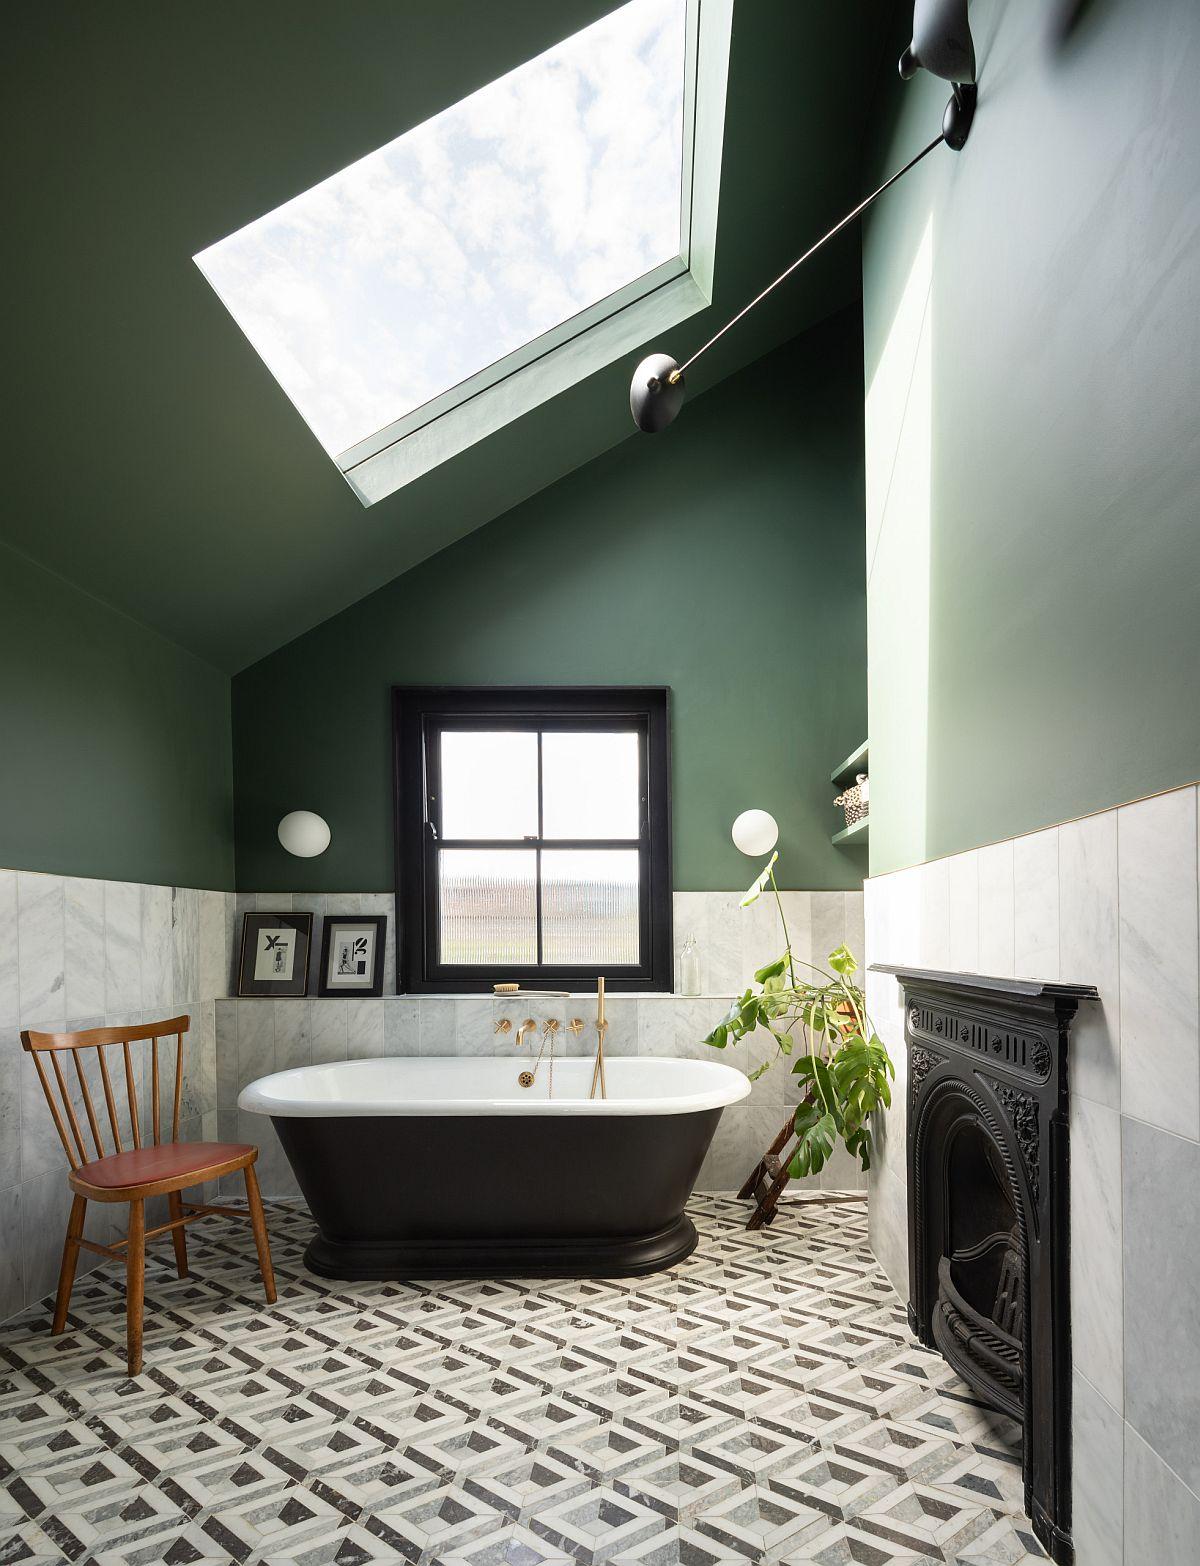 Le bain traditionnel apporte un point focal noir à cette salle de bain éclectique en vert et blanc